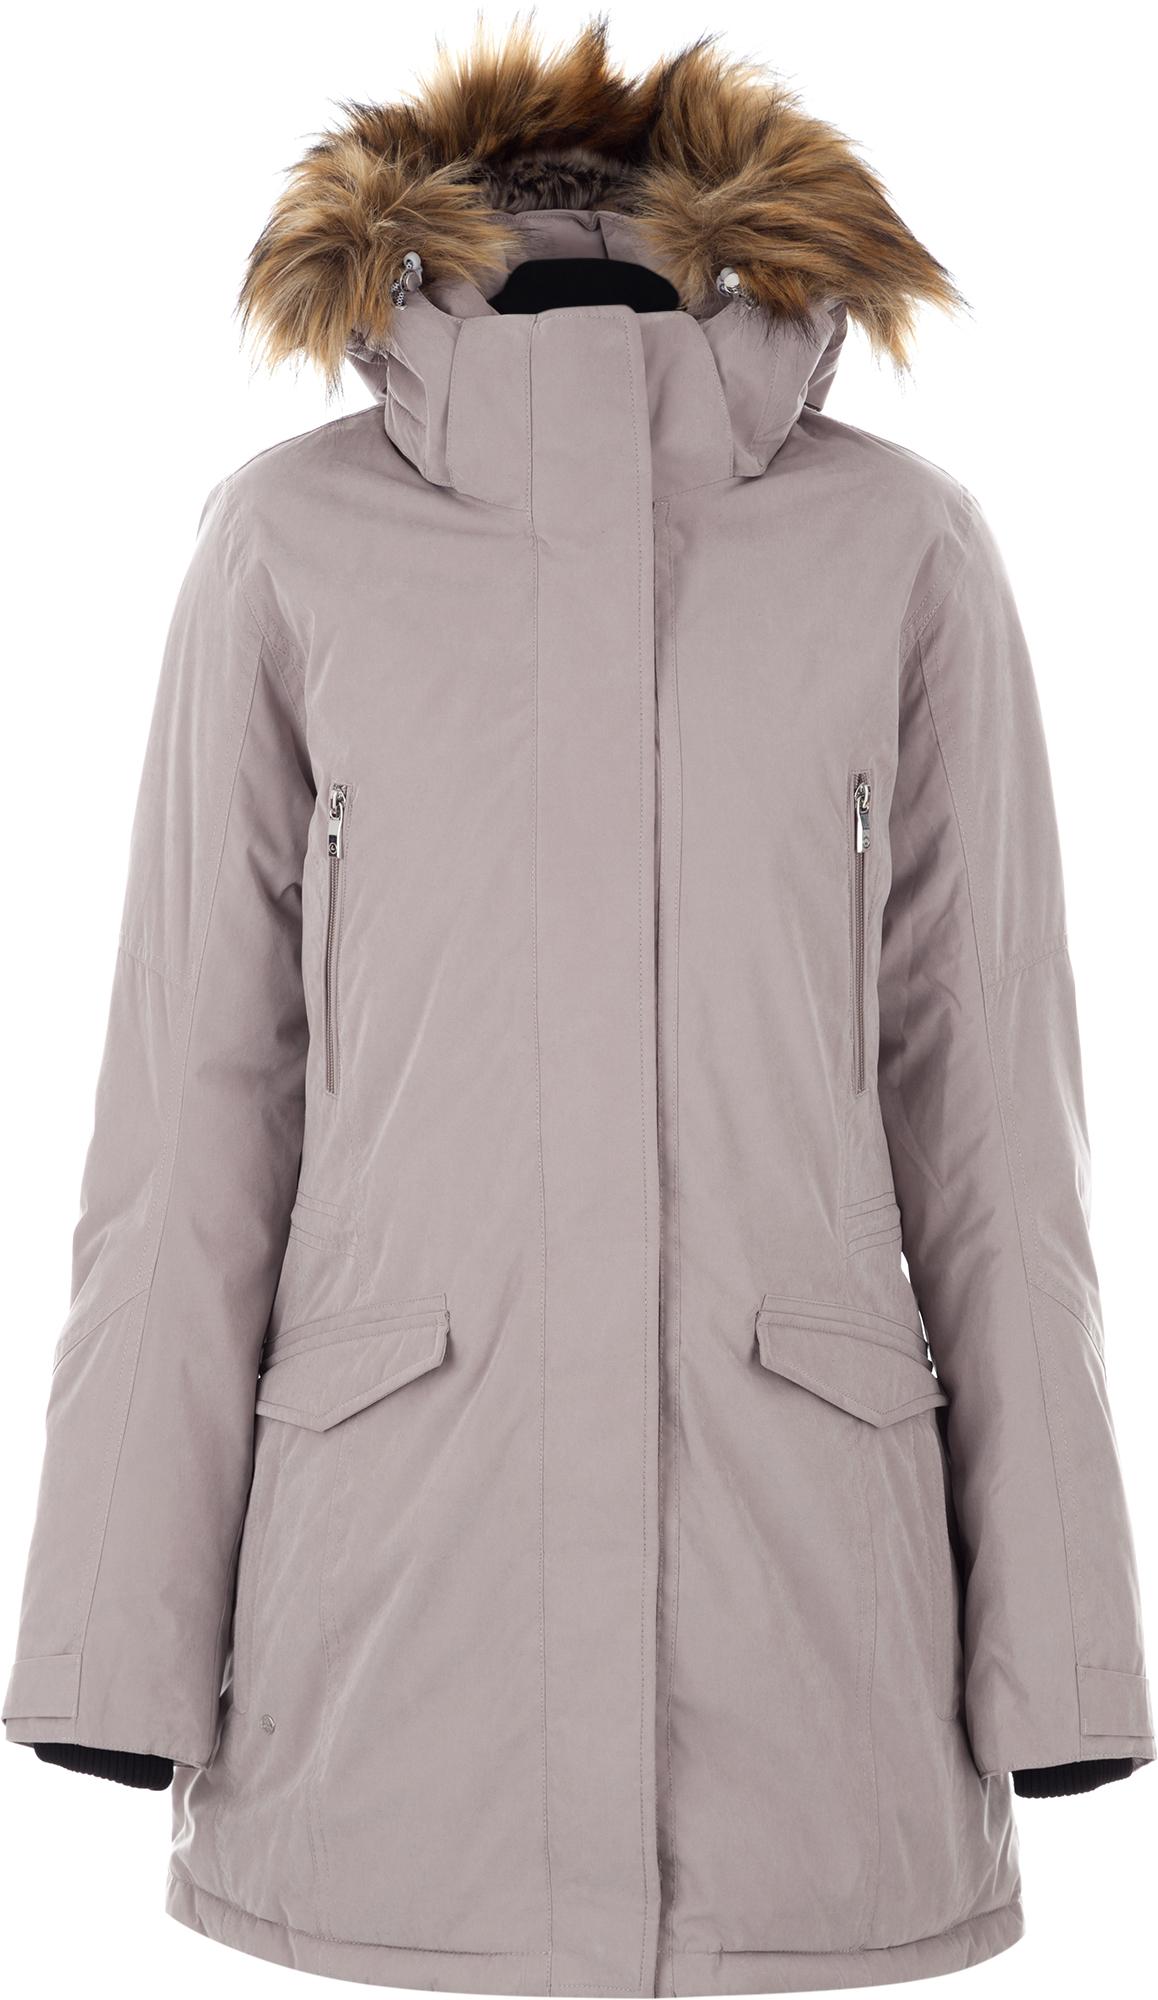 Luhta Куртка утепленная женская Luhta Gabriella куртка женская luhta 232441340l7v цвет тёмно синий